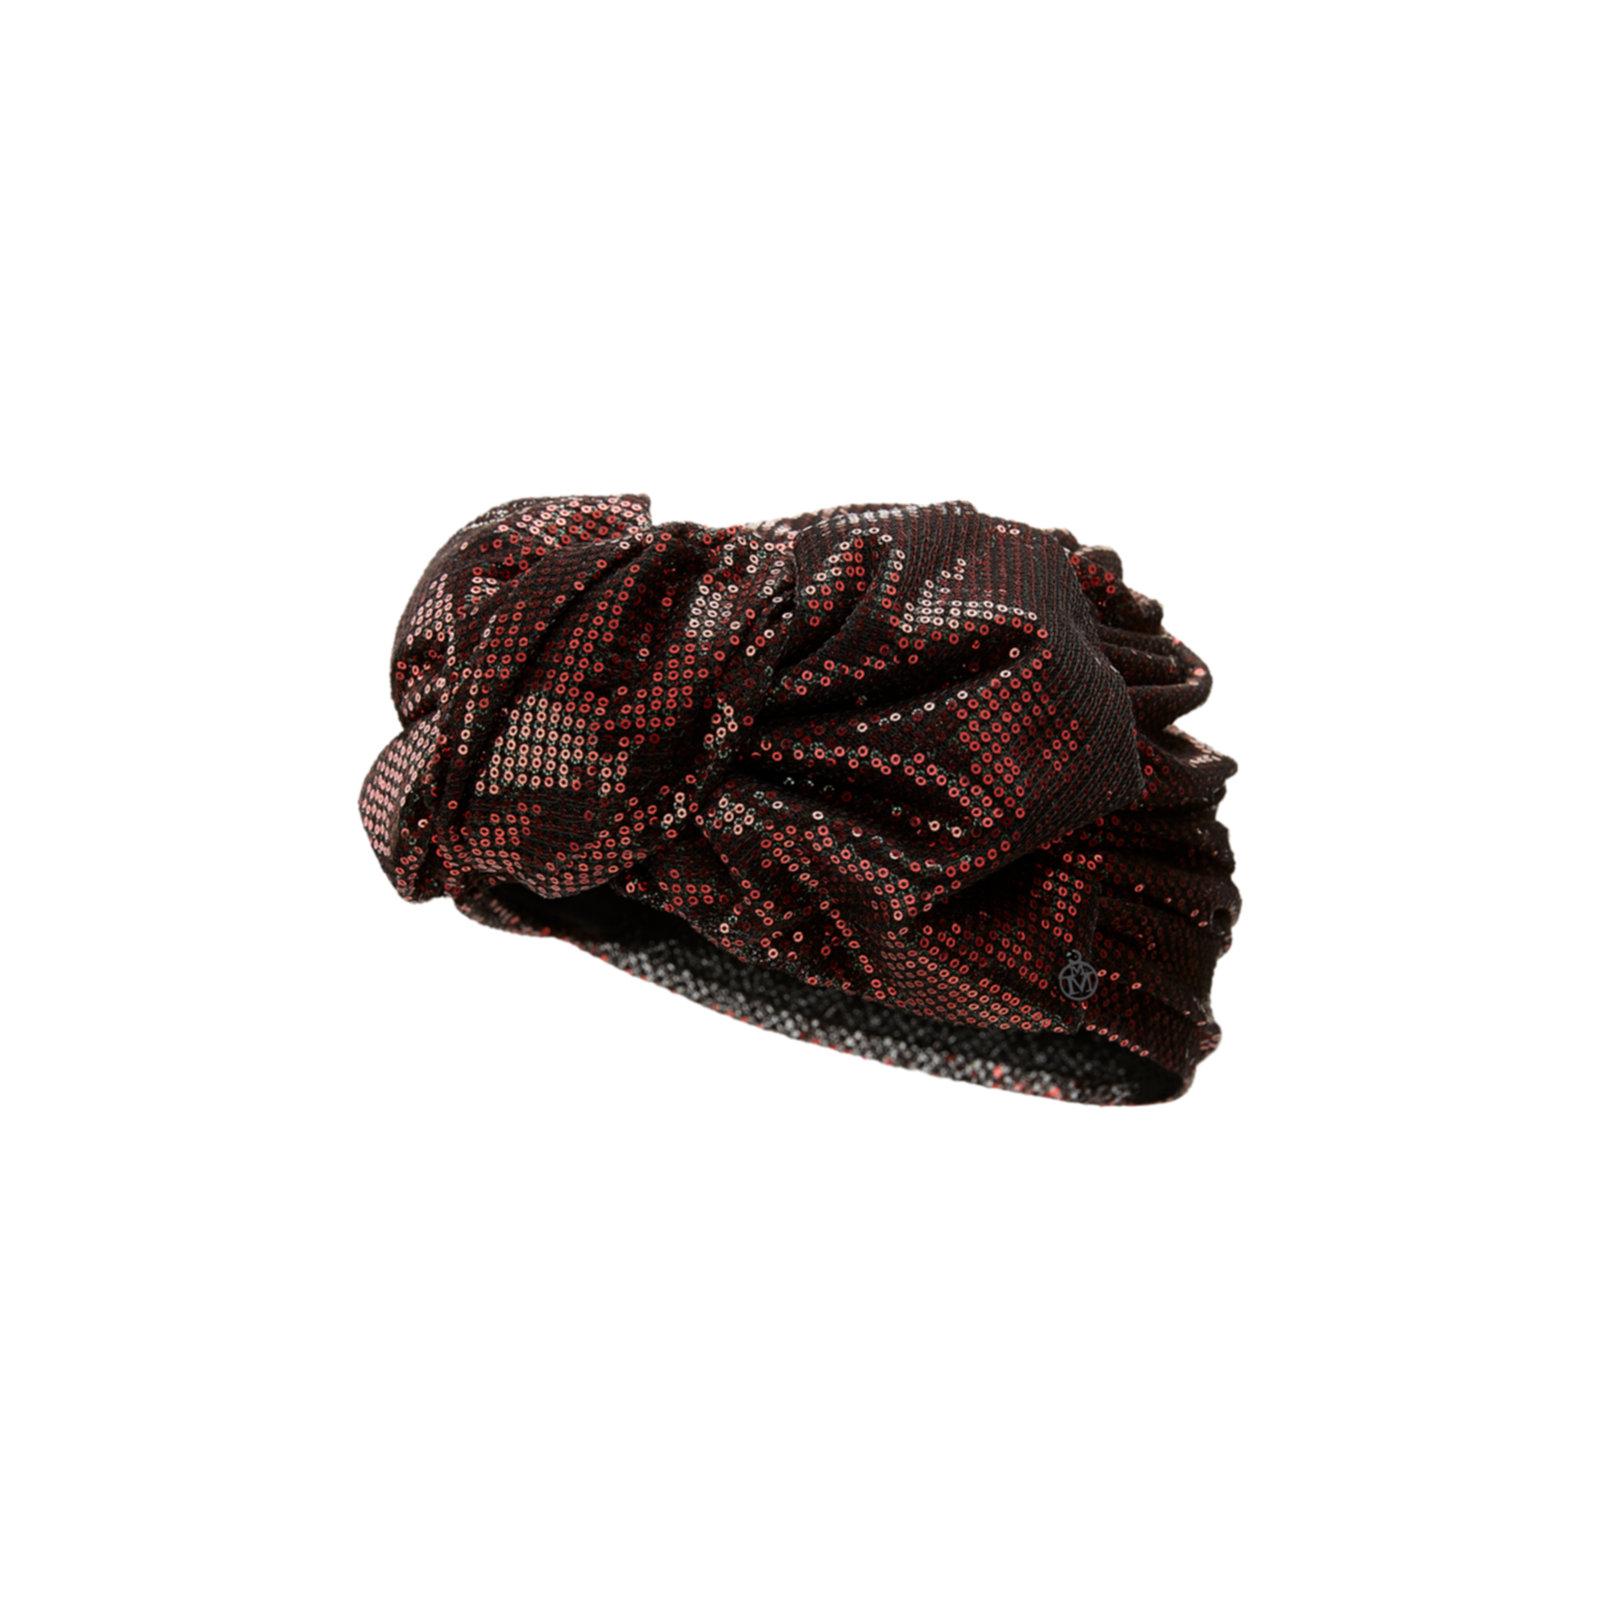 Cappello da cerimonia piccolo con paillettes bordeaux Maison Michel